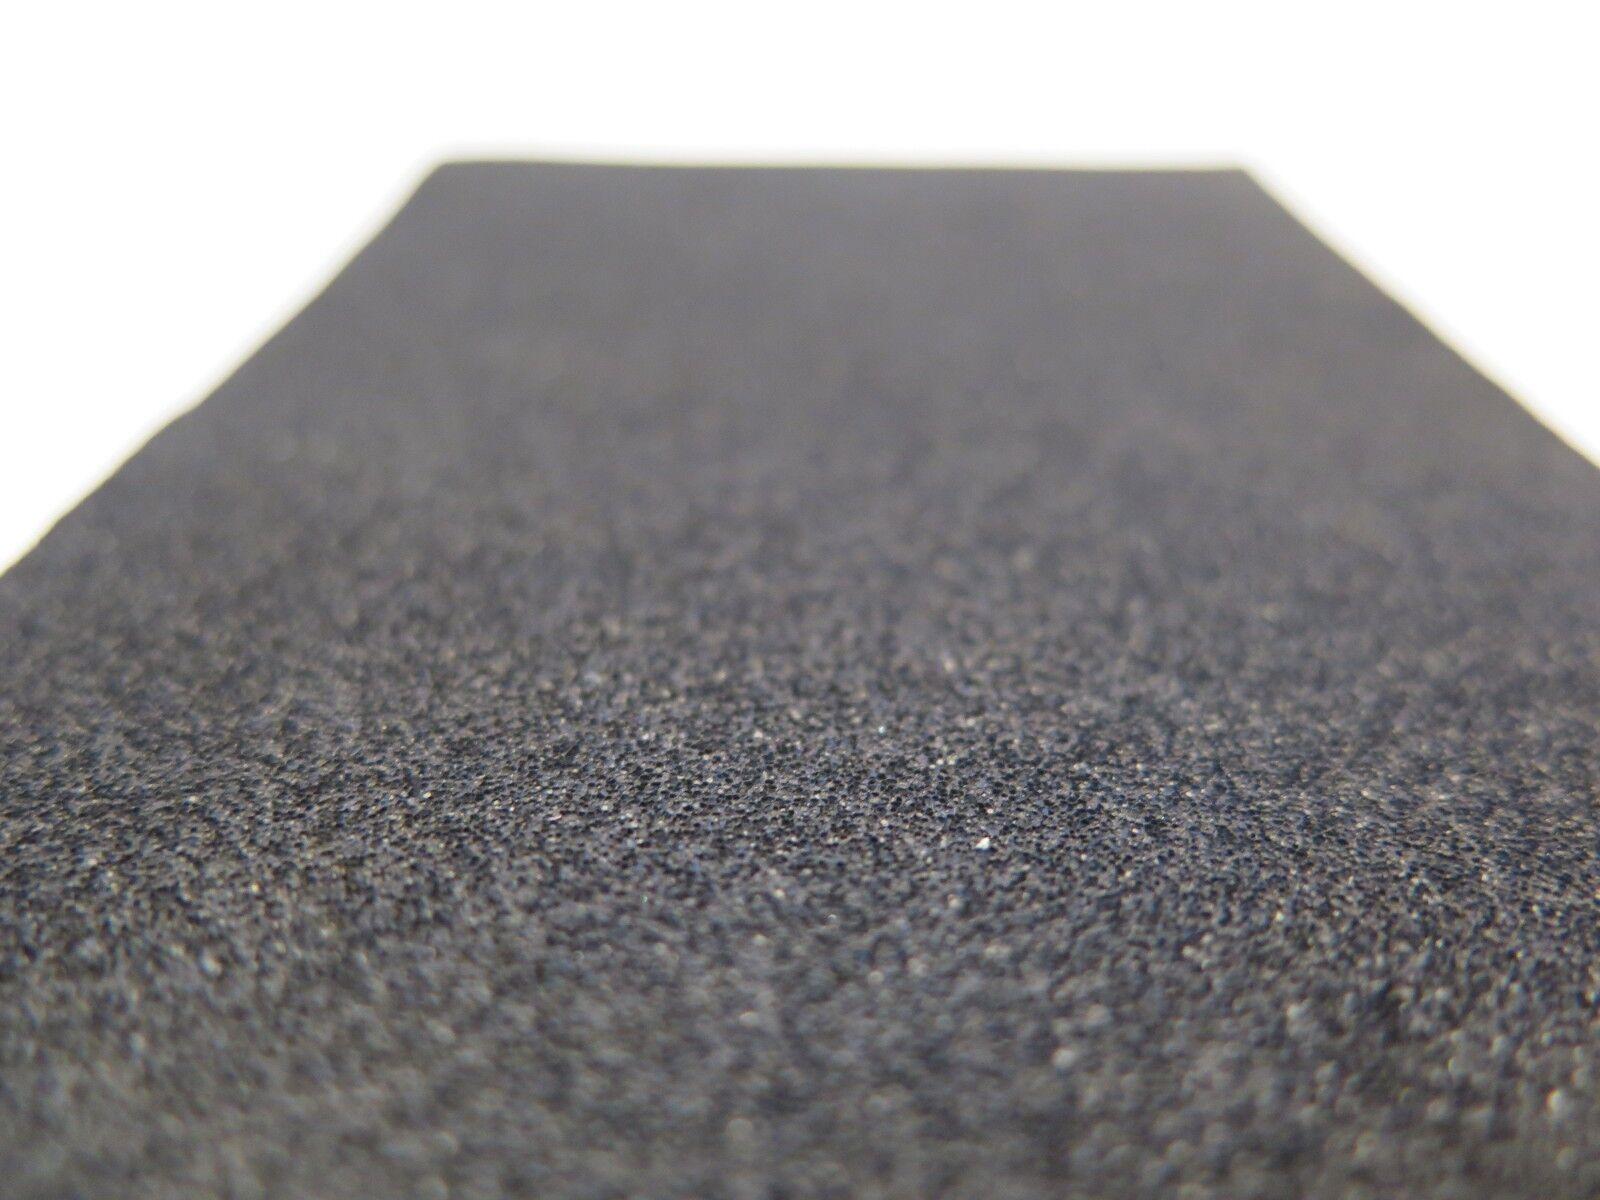 Zellkautschuk Platte wie Moosgummi Gummi Dämmung Isolierung Gummimatte EPDM